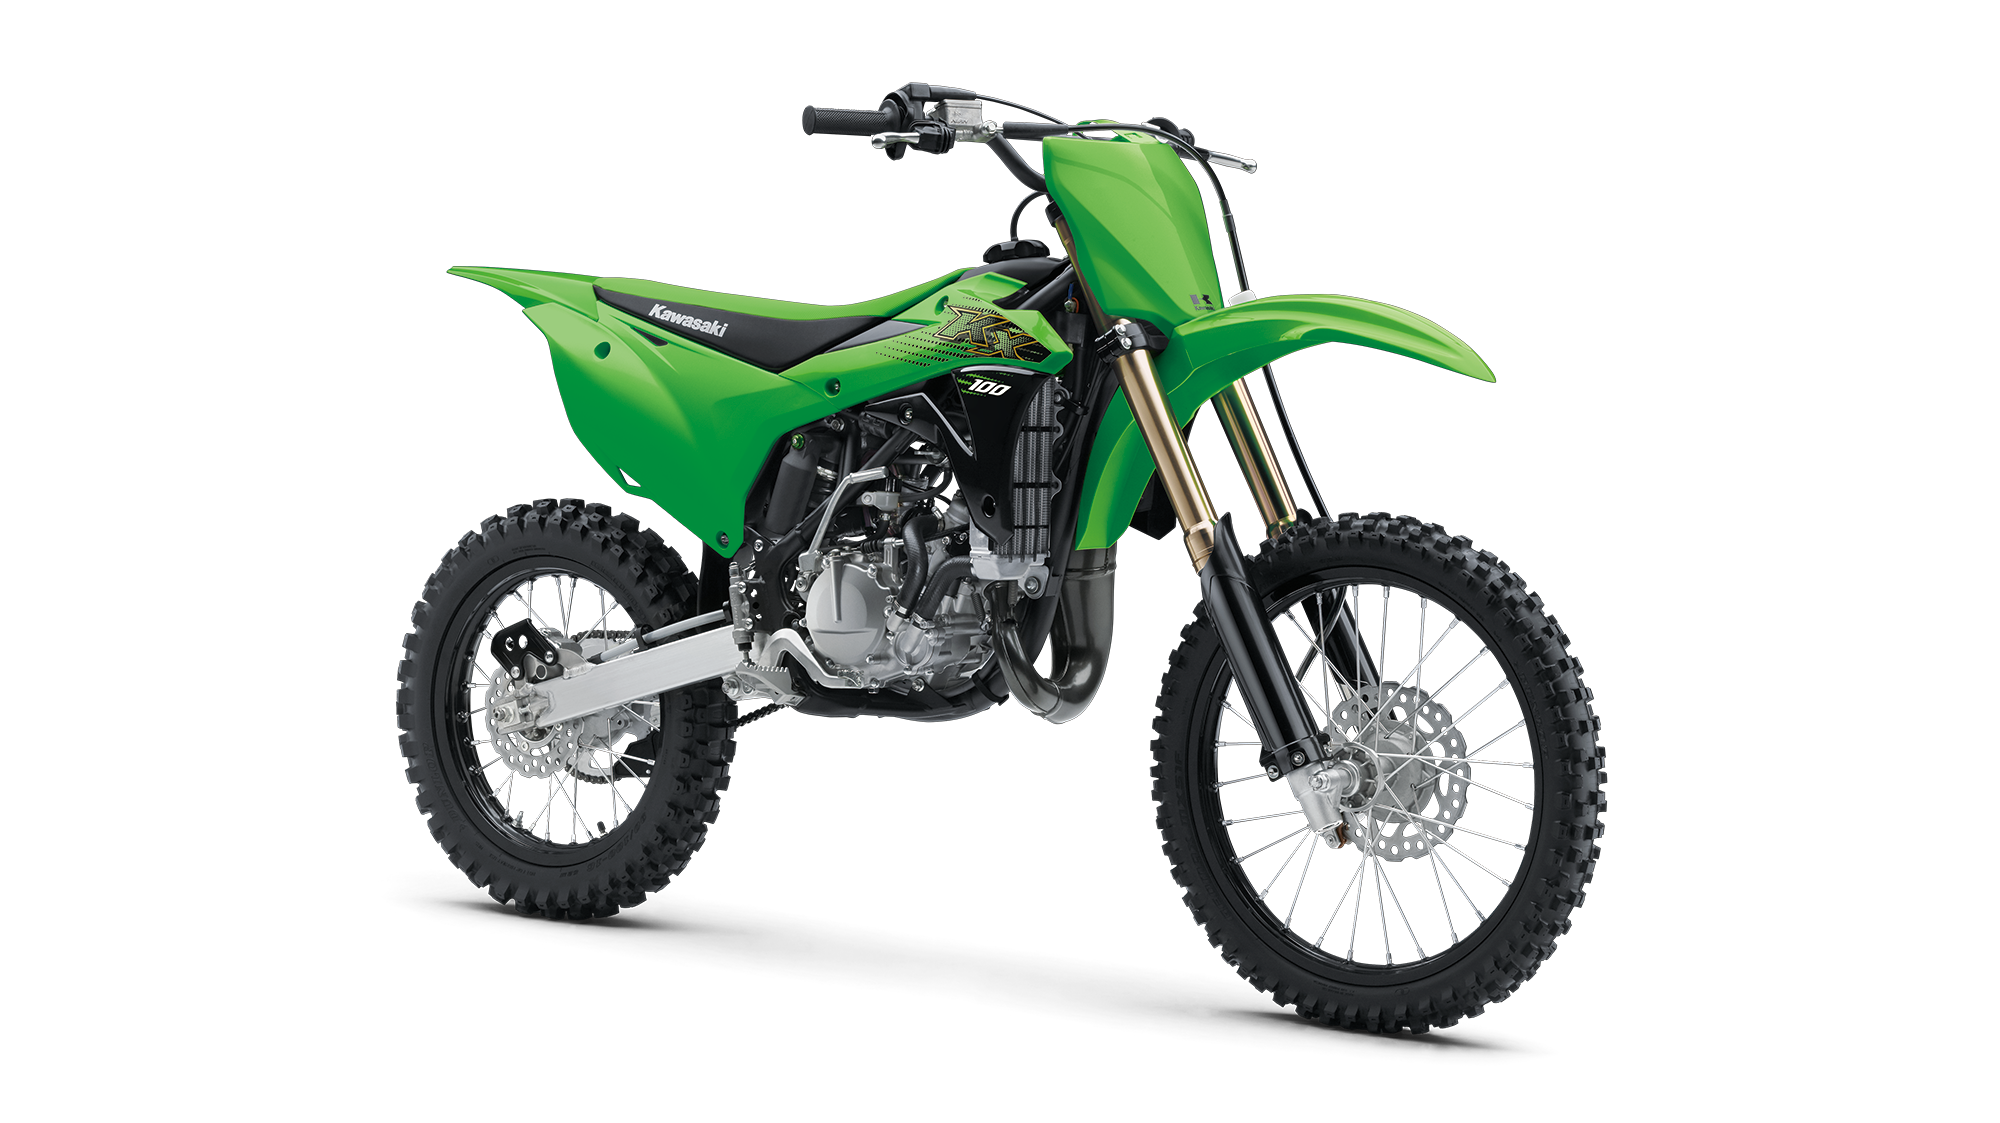 2020 KX™100 KX™ Motorcycle by Kawasaki